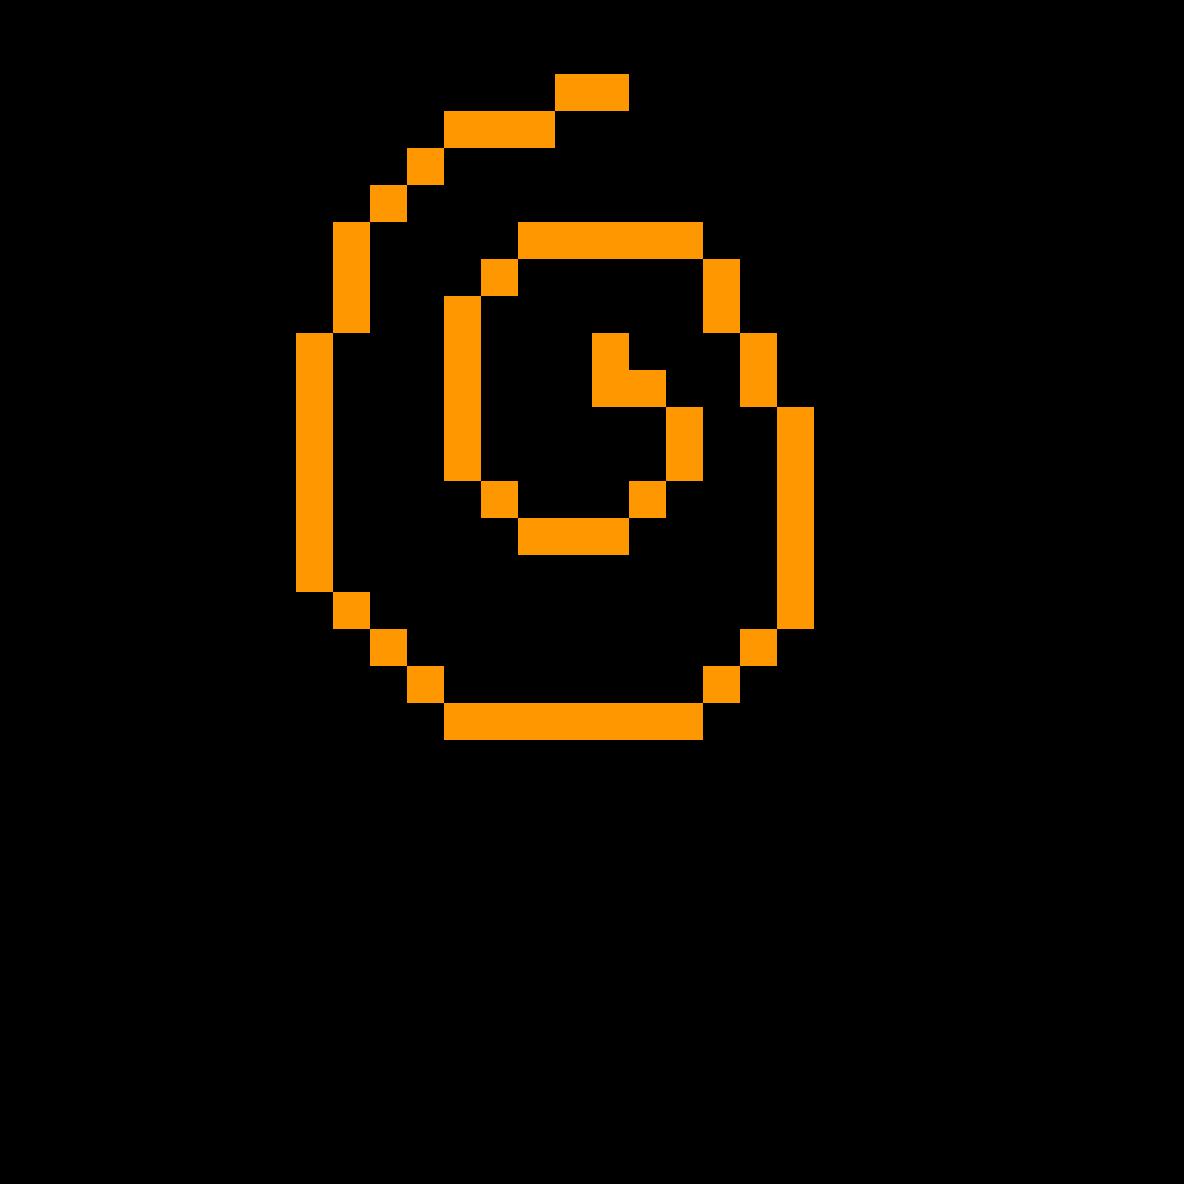 Sega Dreamcast  by eevee910